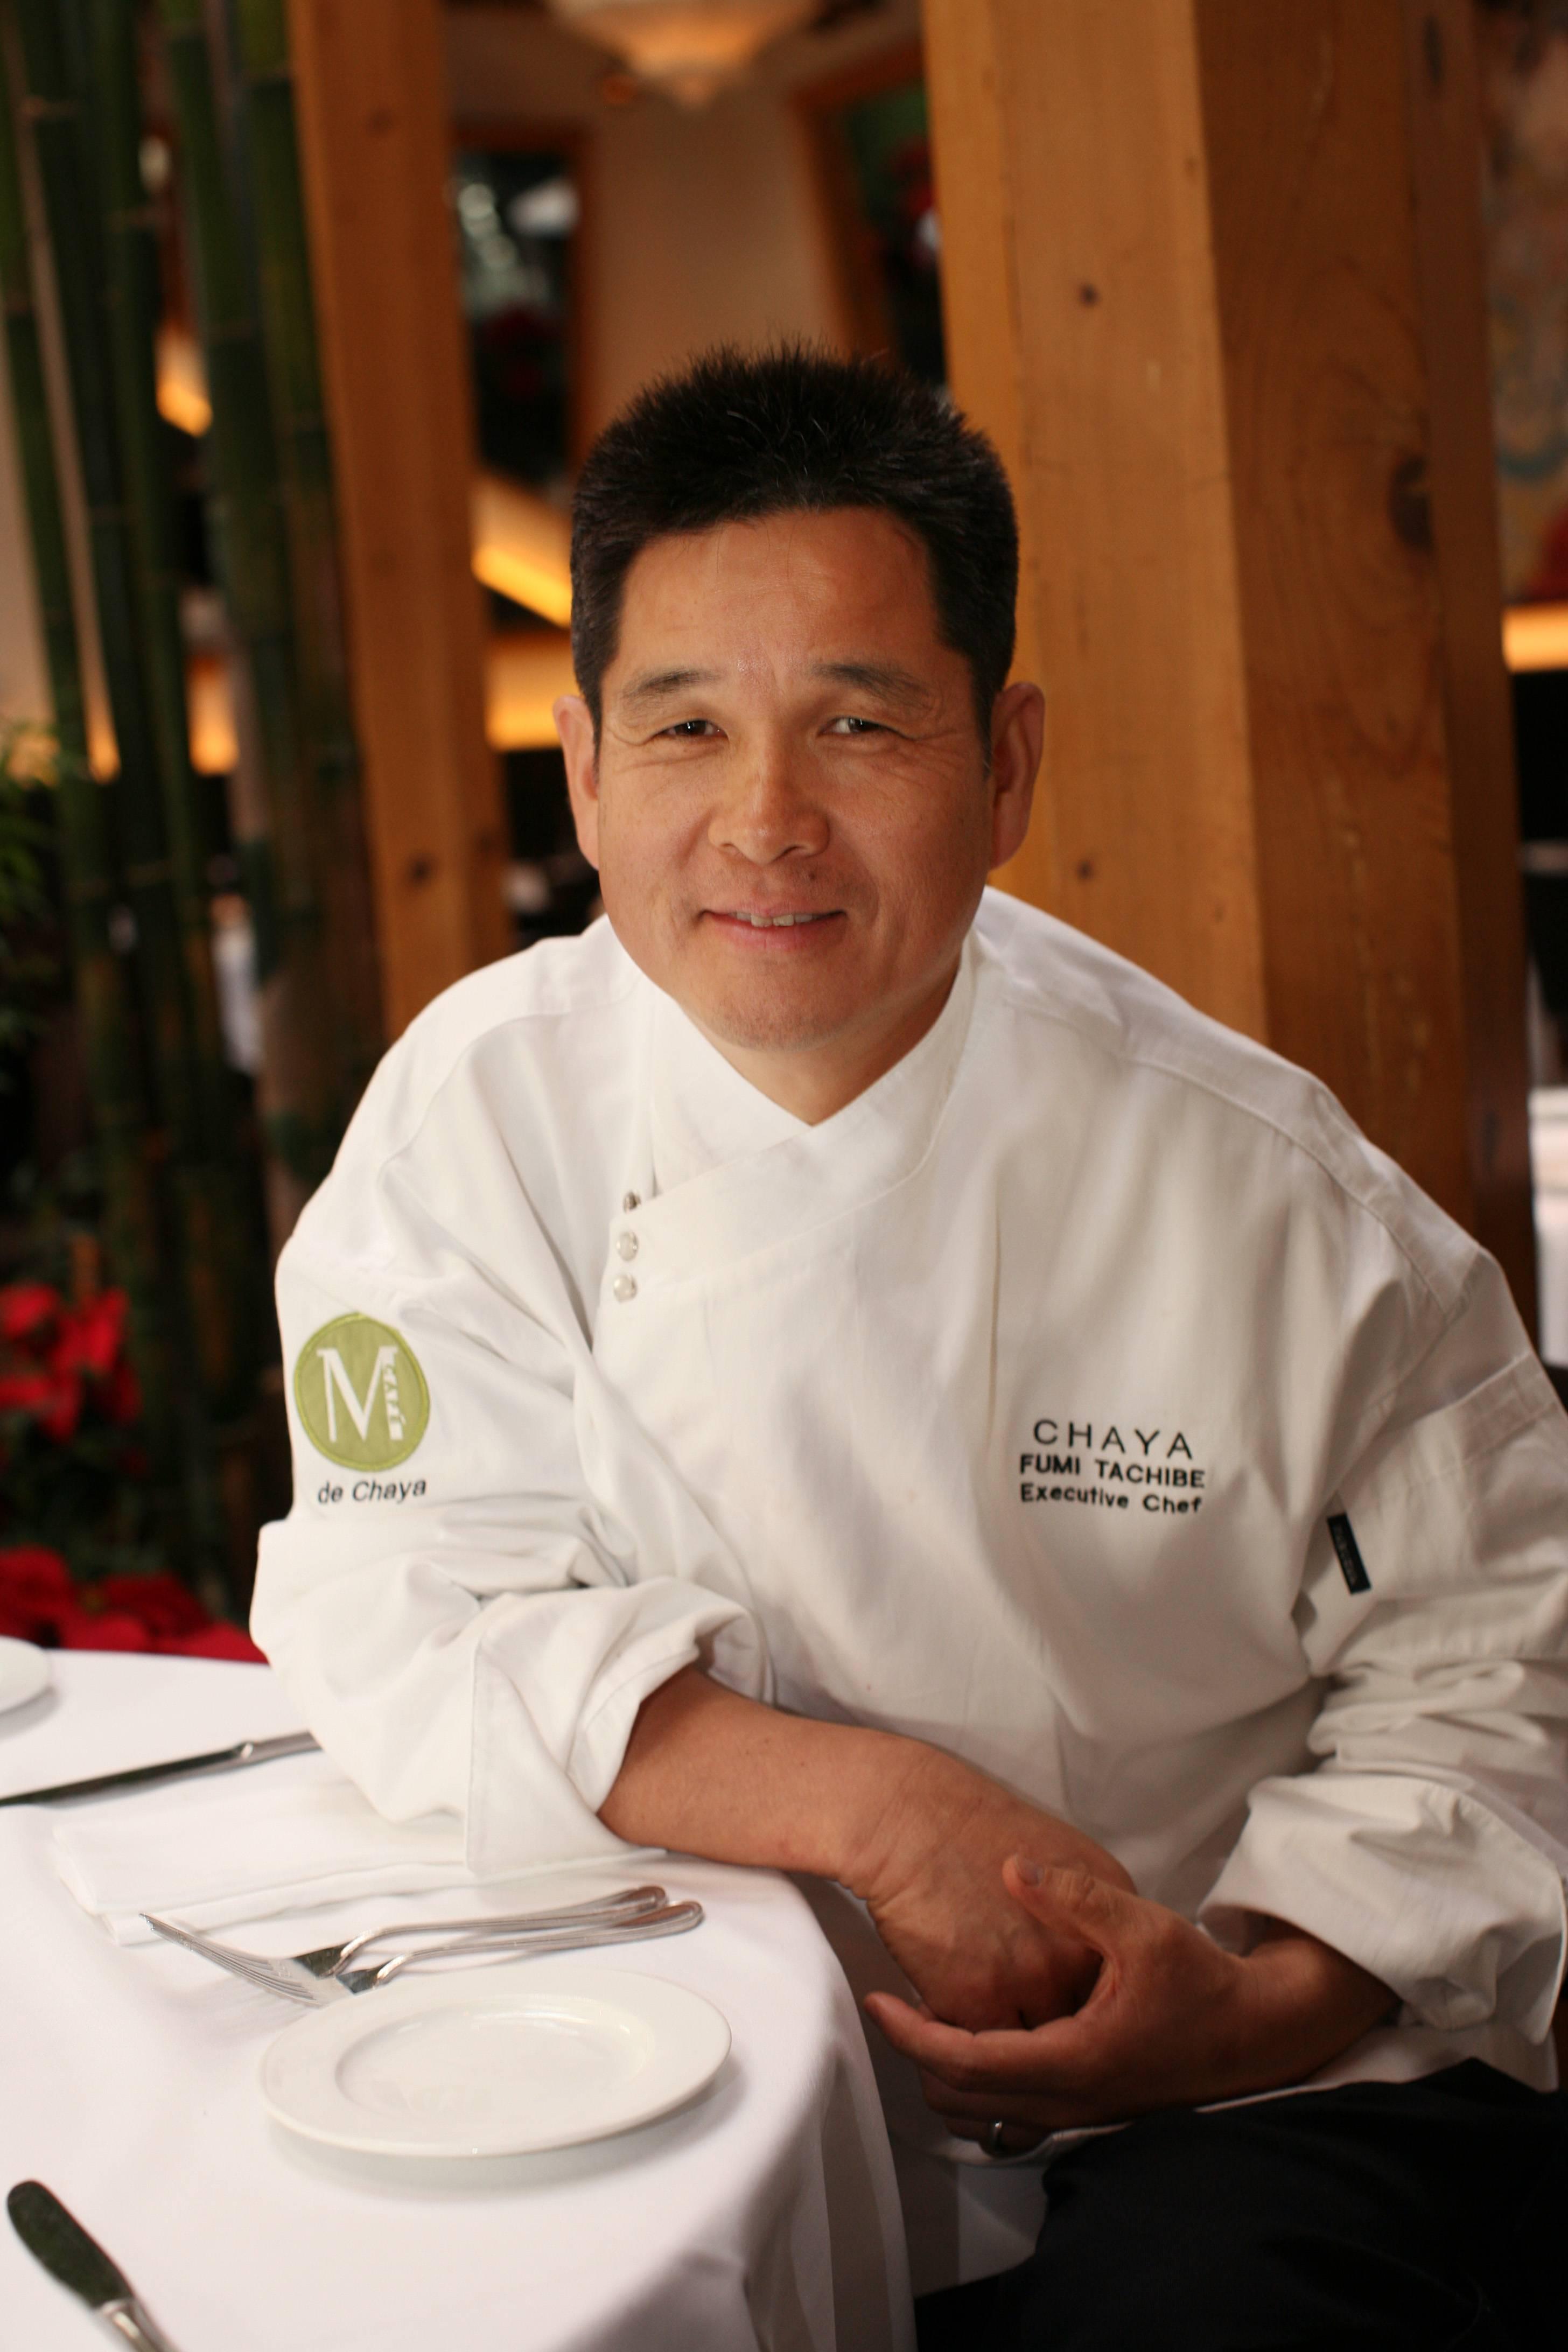 Exec Chef-Tachibe - Headshot